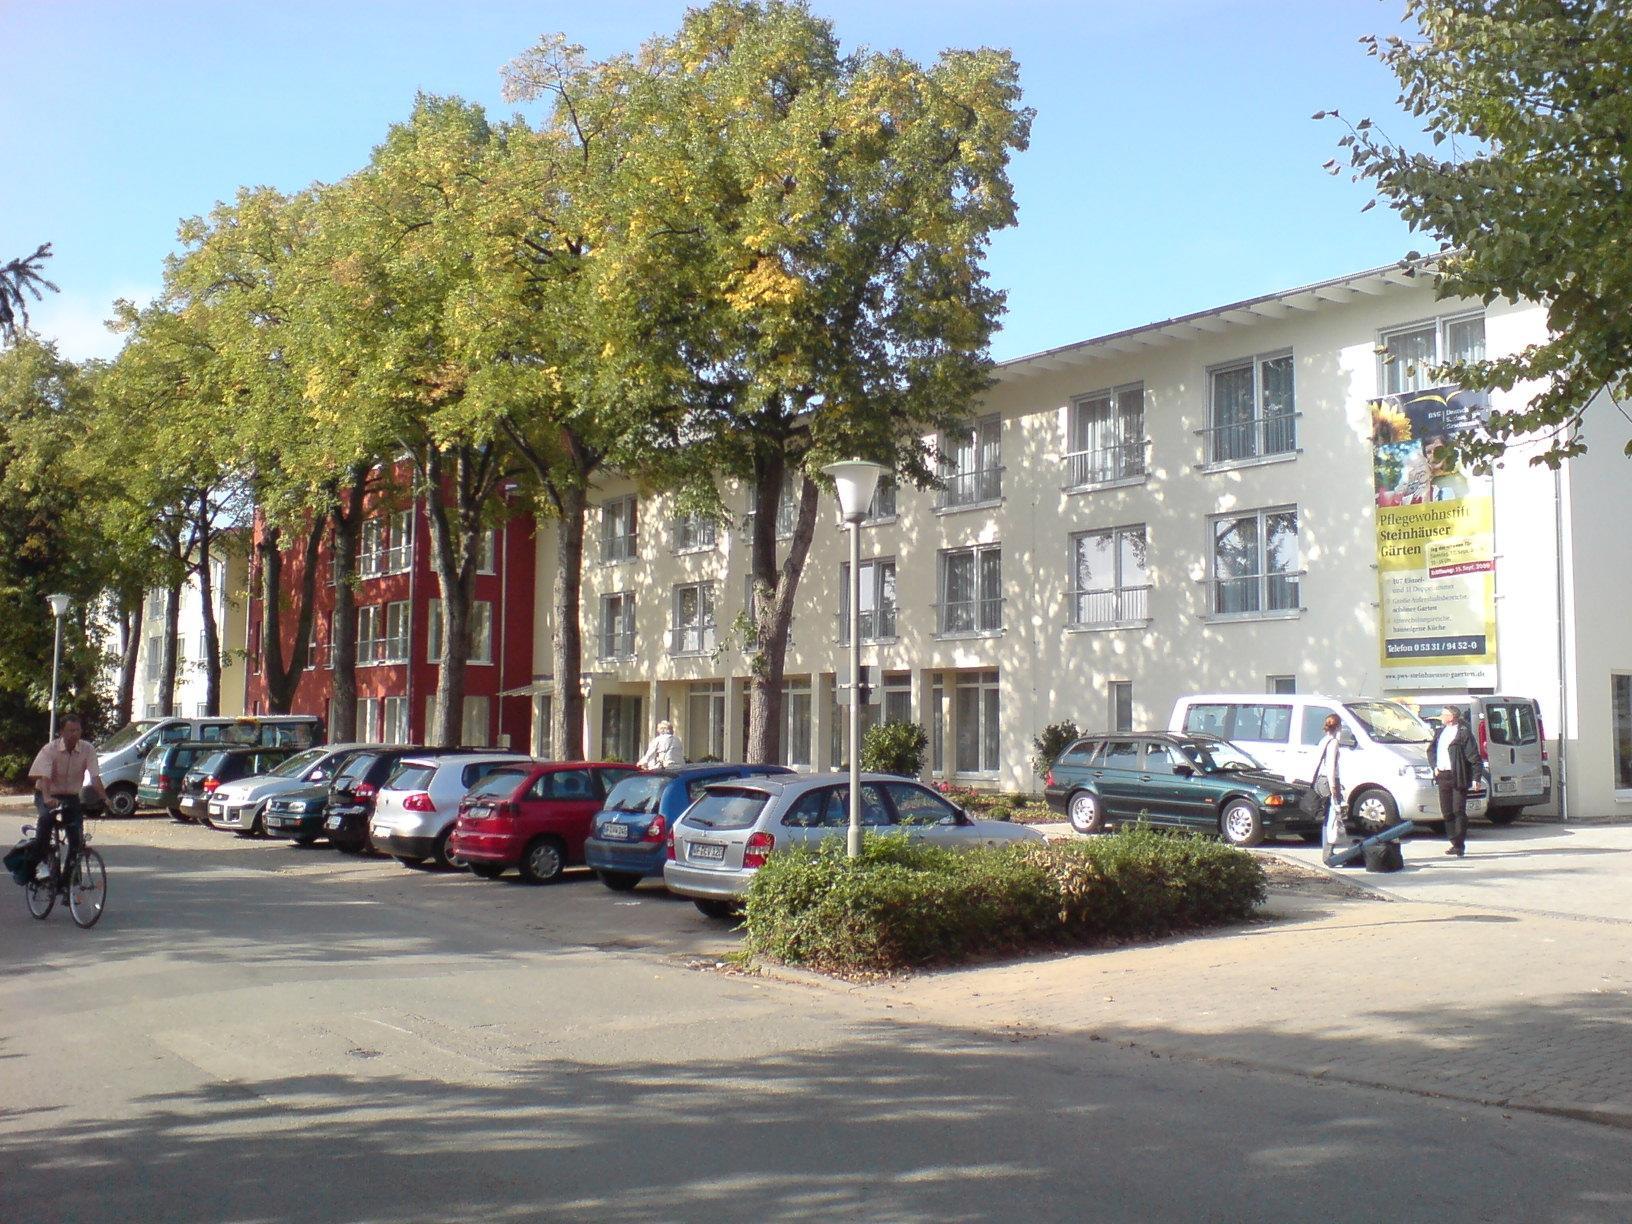 DSG Pflegewohnstift Steinhäuser Gärten